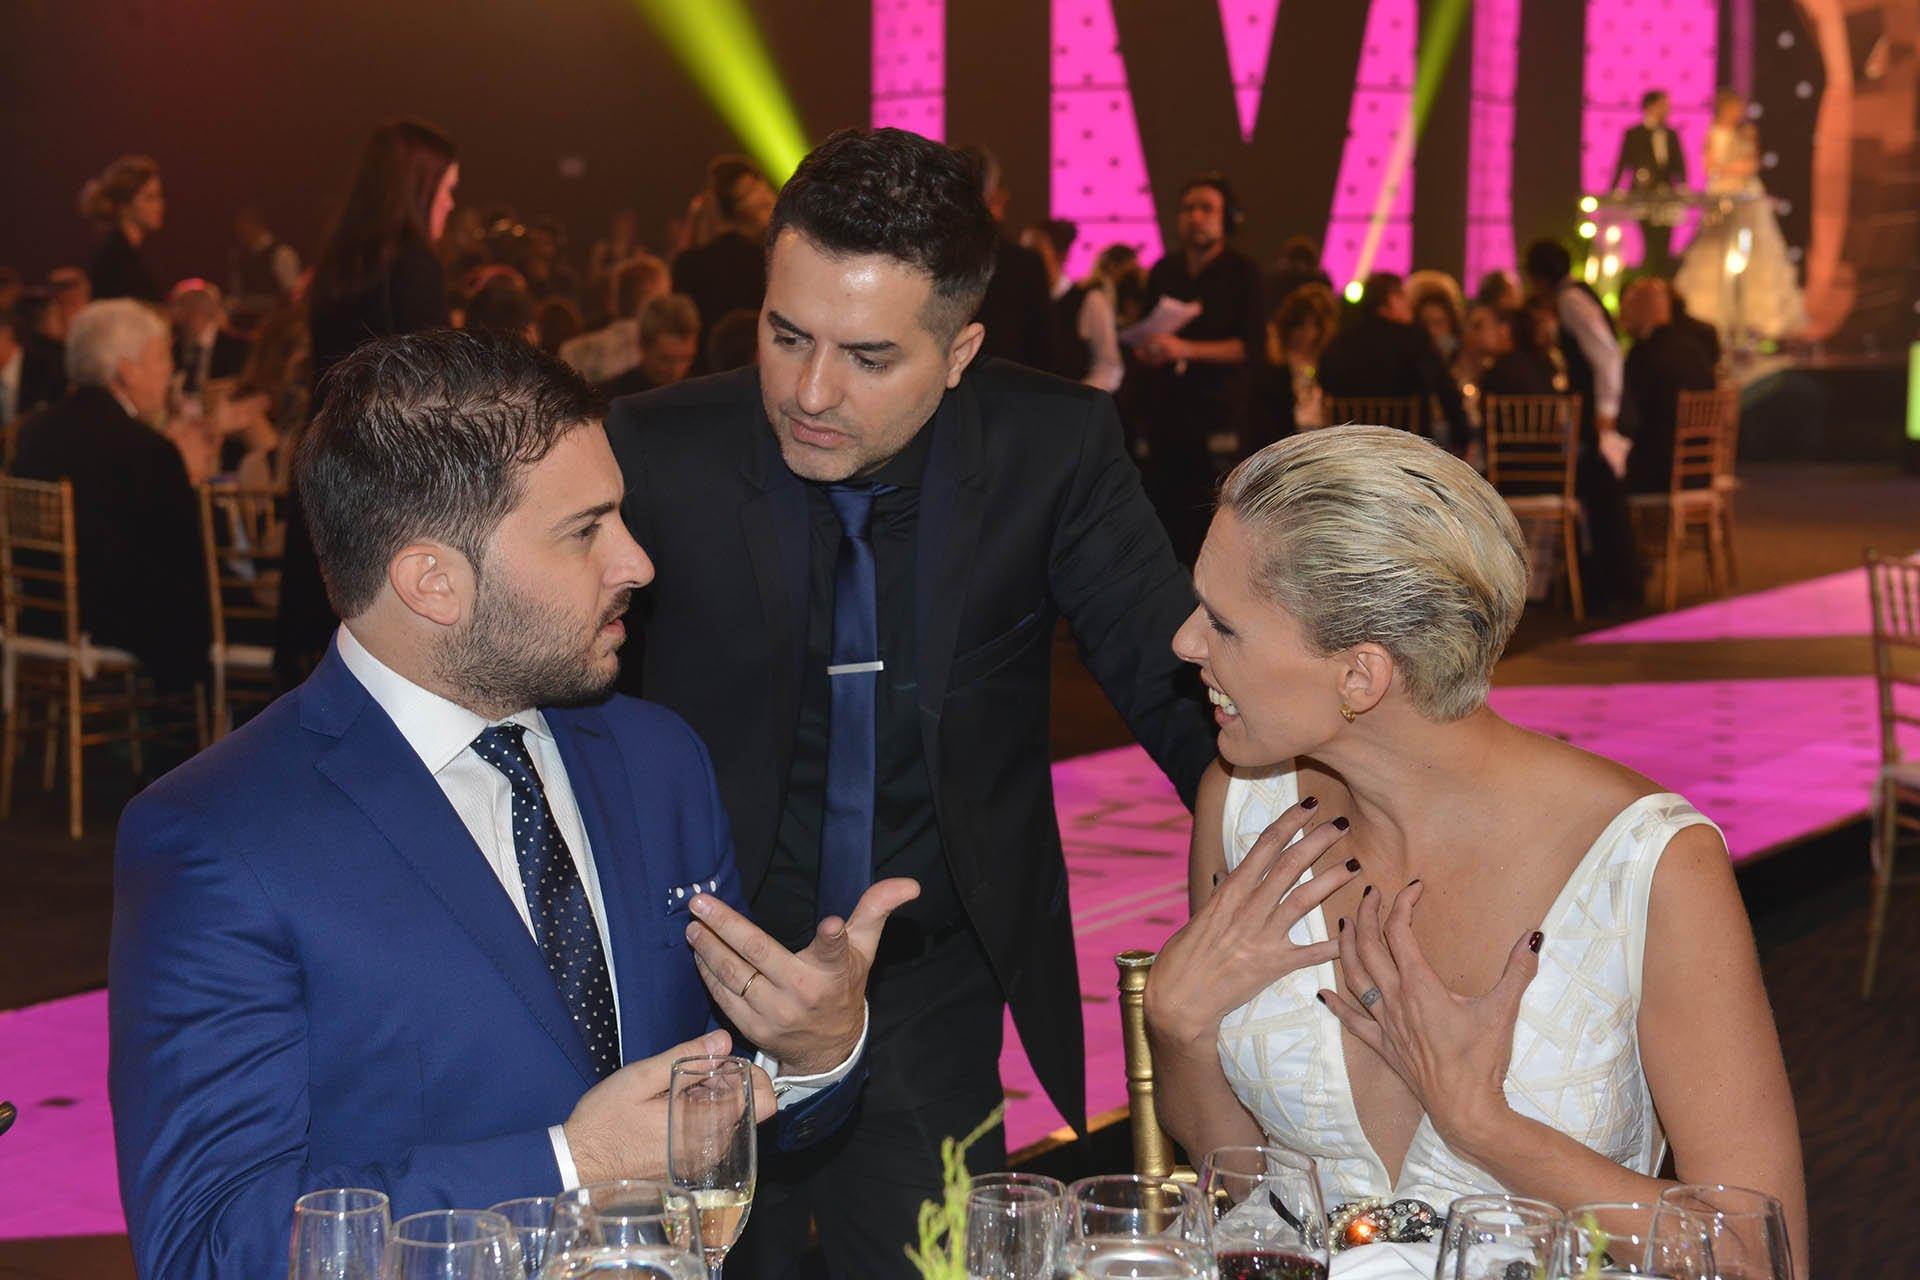 Los periodistas Diego Brancatelli y Ángel De Brito junto a la modelo y conductora de Infama Denise Dumas